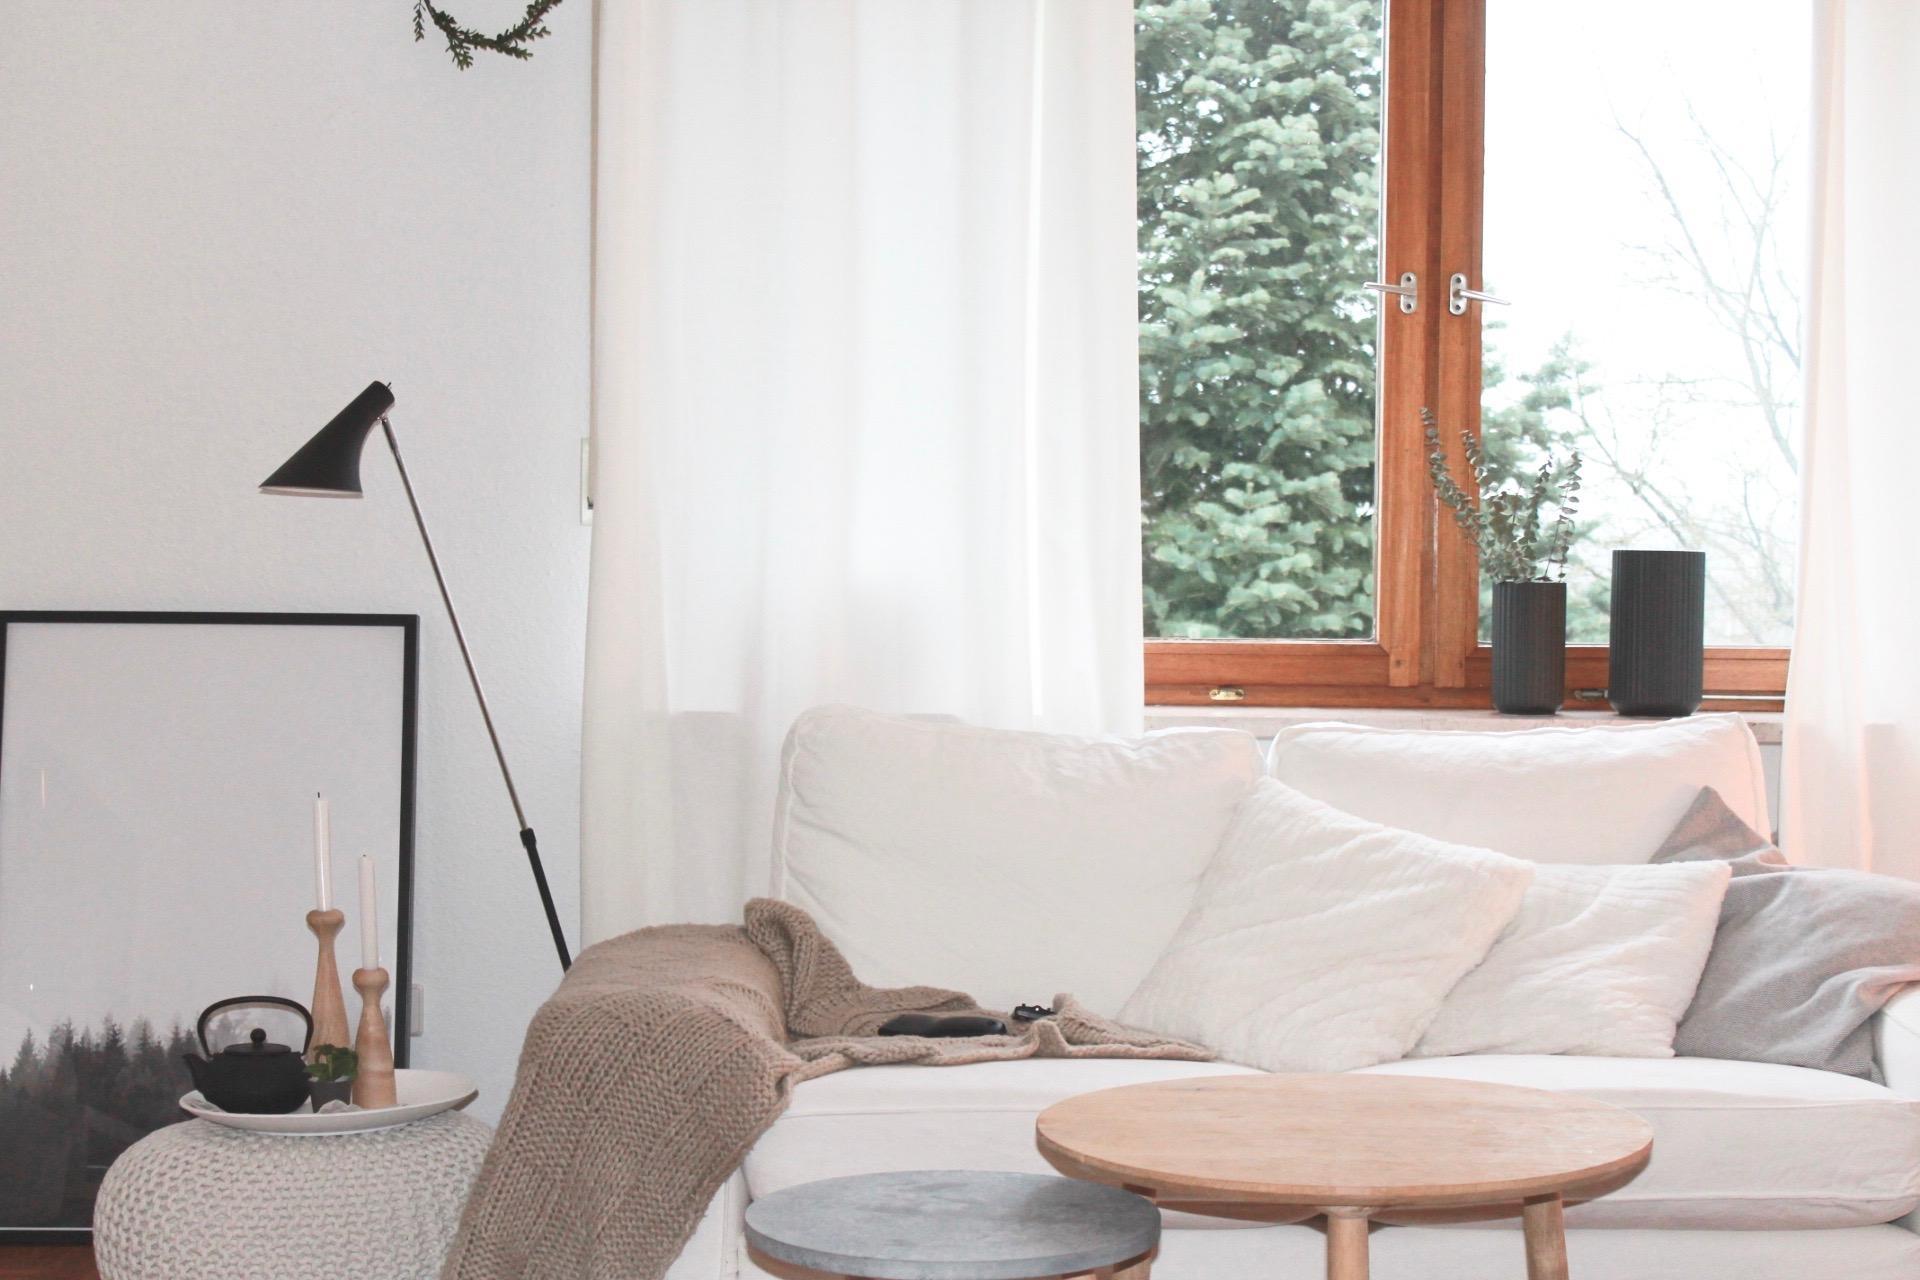 Morgendmmerung Holztisch Wohnzimmer Vase Stehlampe Kissen Ikea Sofa C